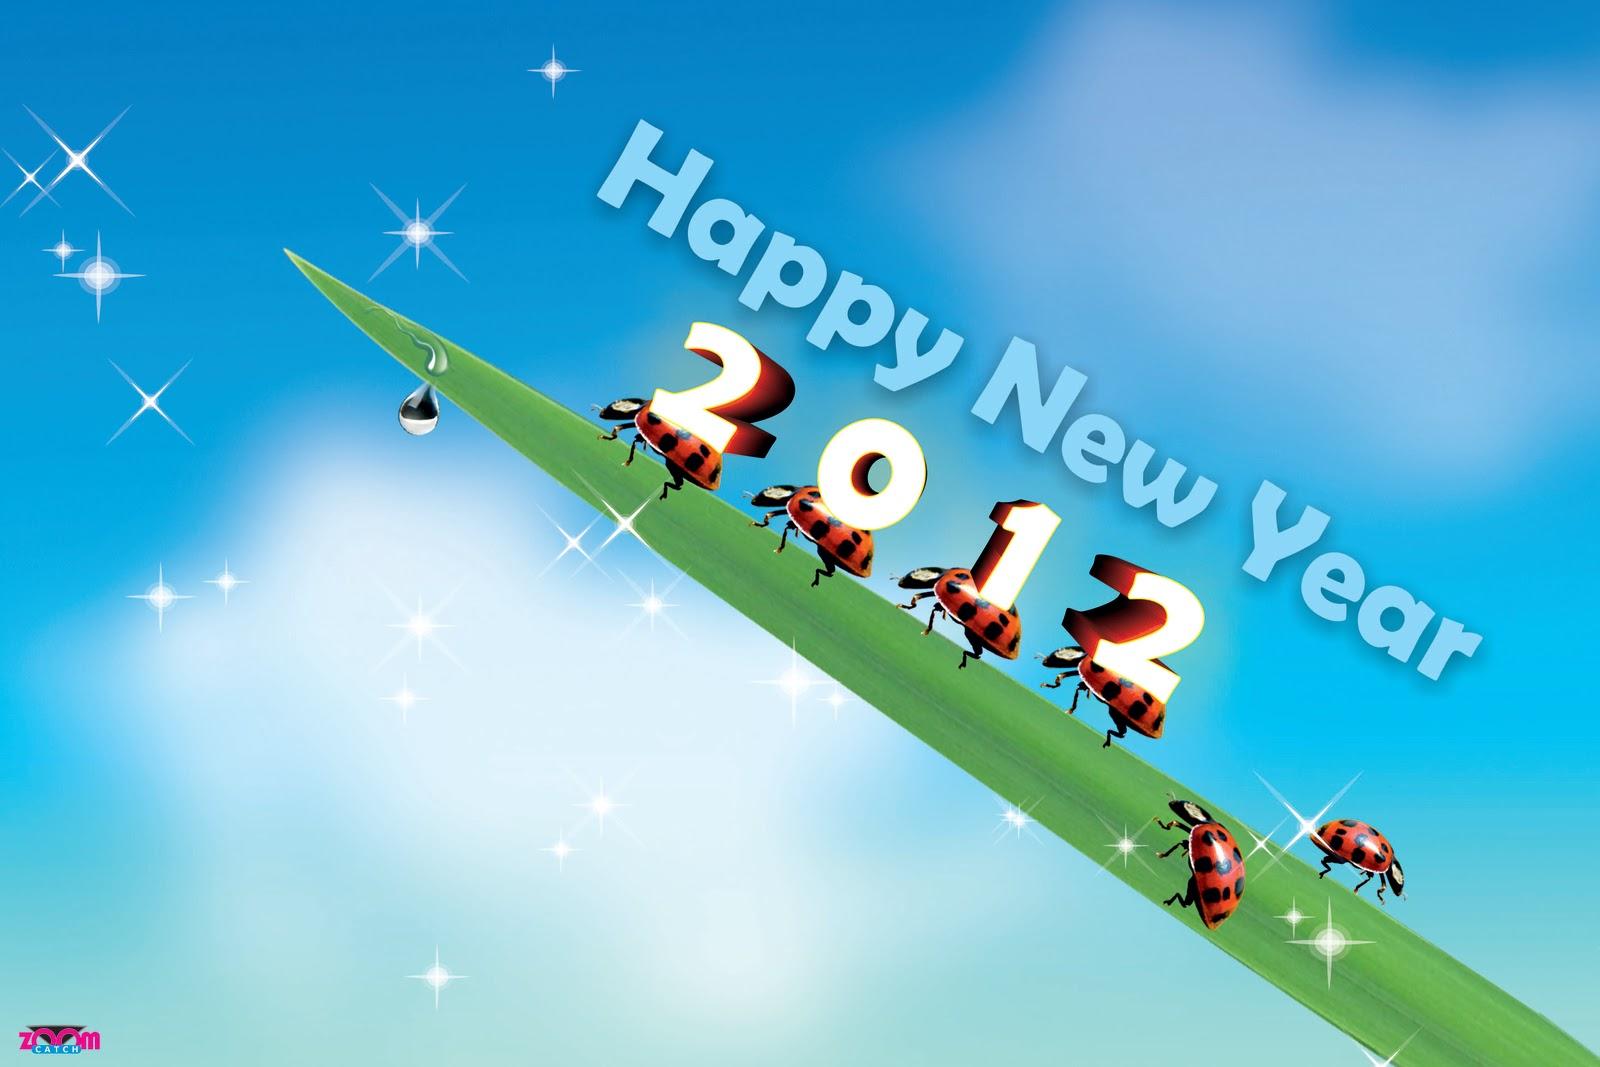 ... год, бесплатно новые обои года, скачать новые обои 2012 год